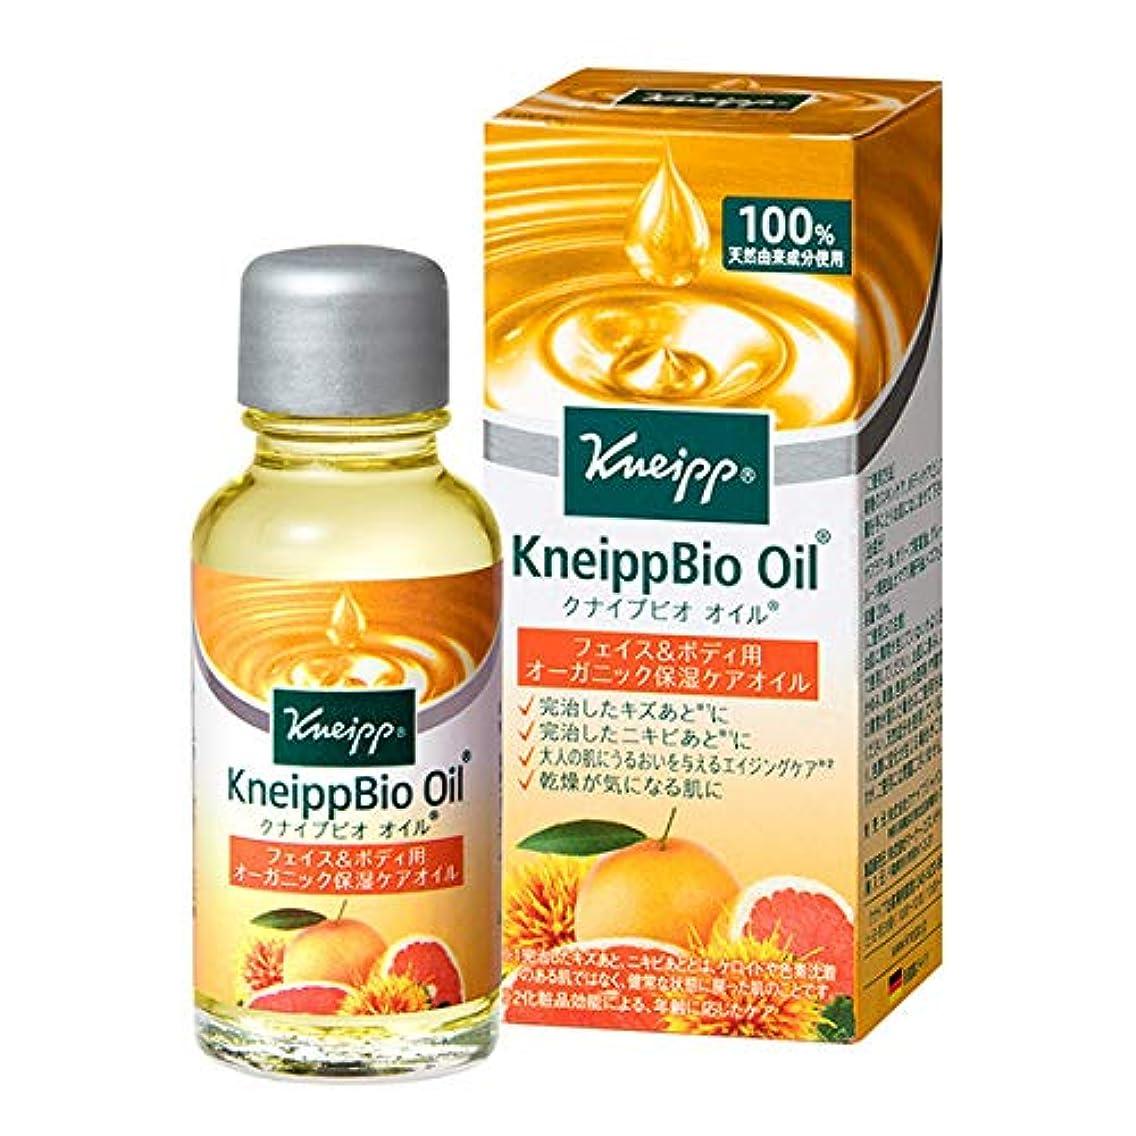 賛辞介入するテザークナイプ(Kneipp) クナイプビオ オイル20mL 美容液